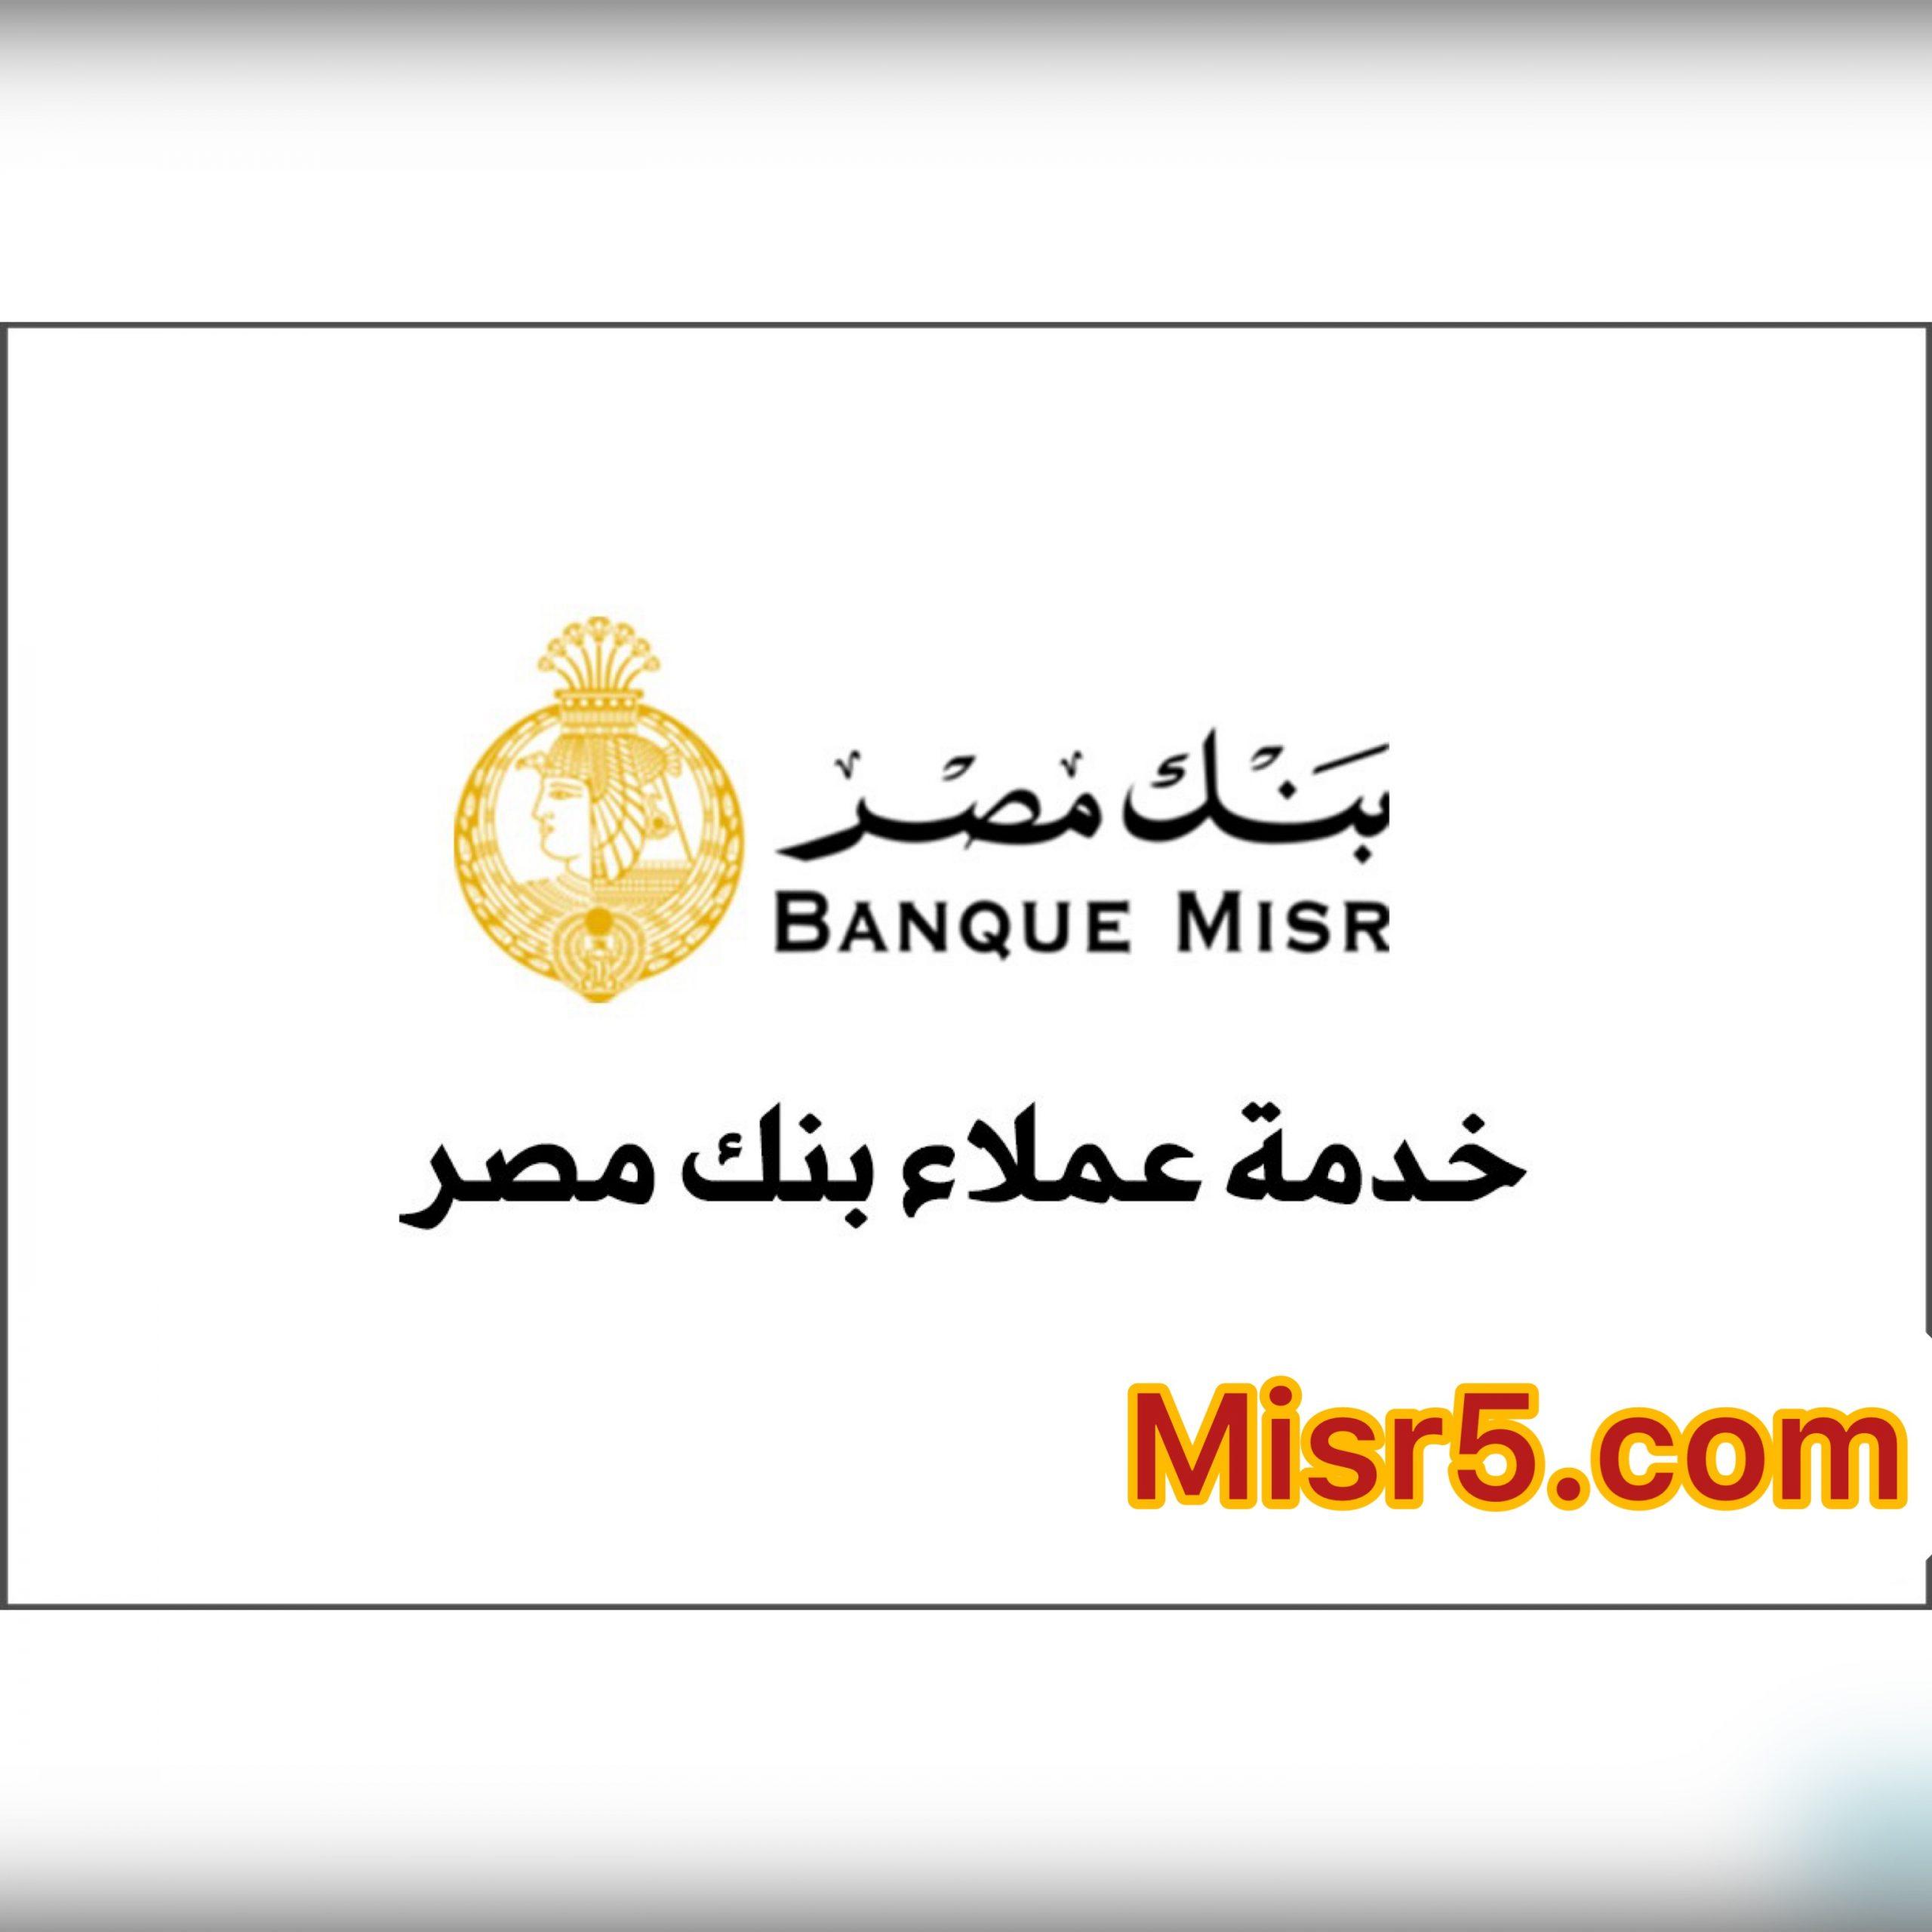 تعرف الآن على أرقام خدمة عملاء بنك مصر والخدمات التي تقدمها 2021